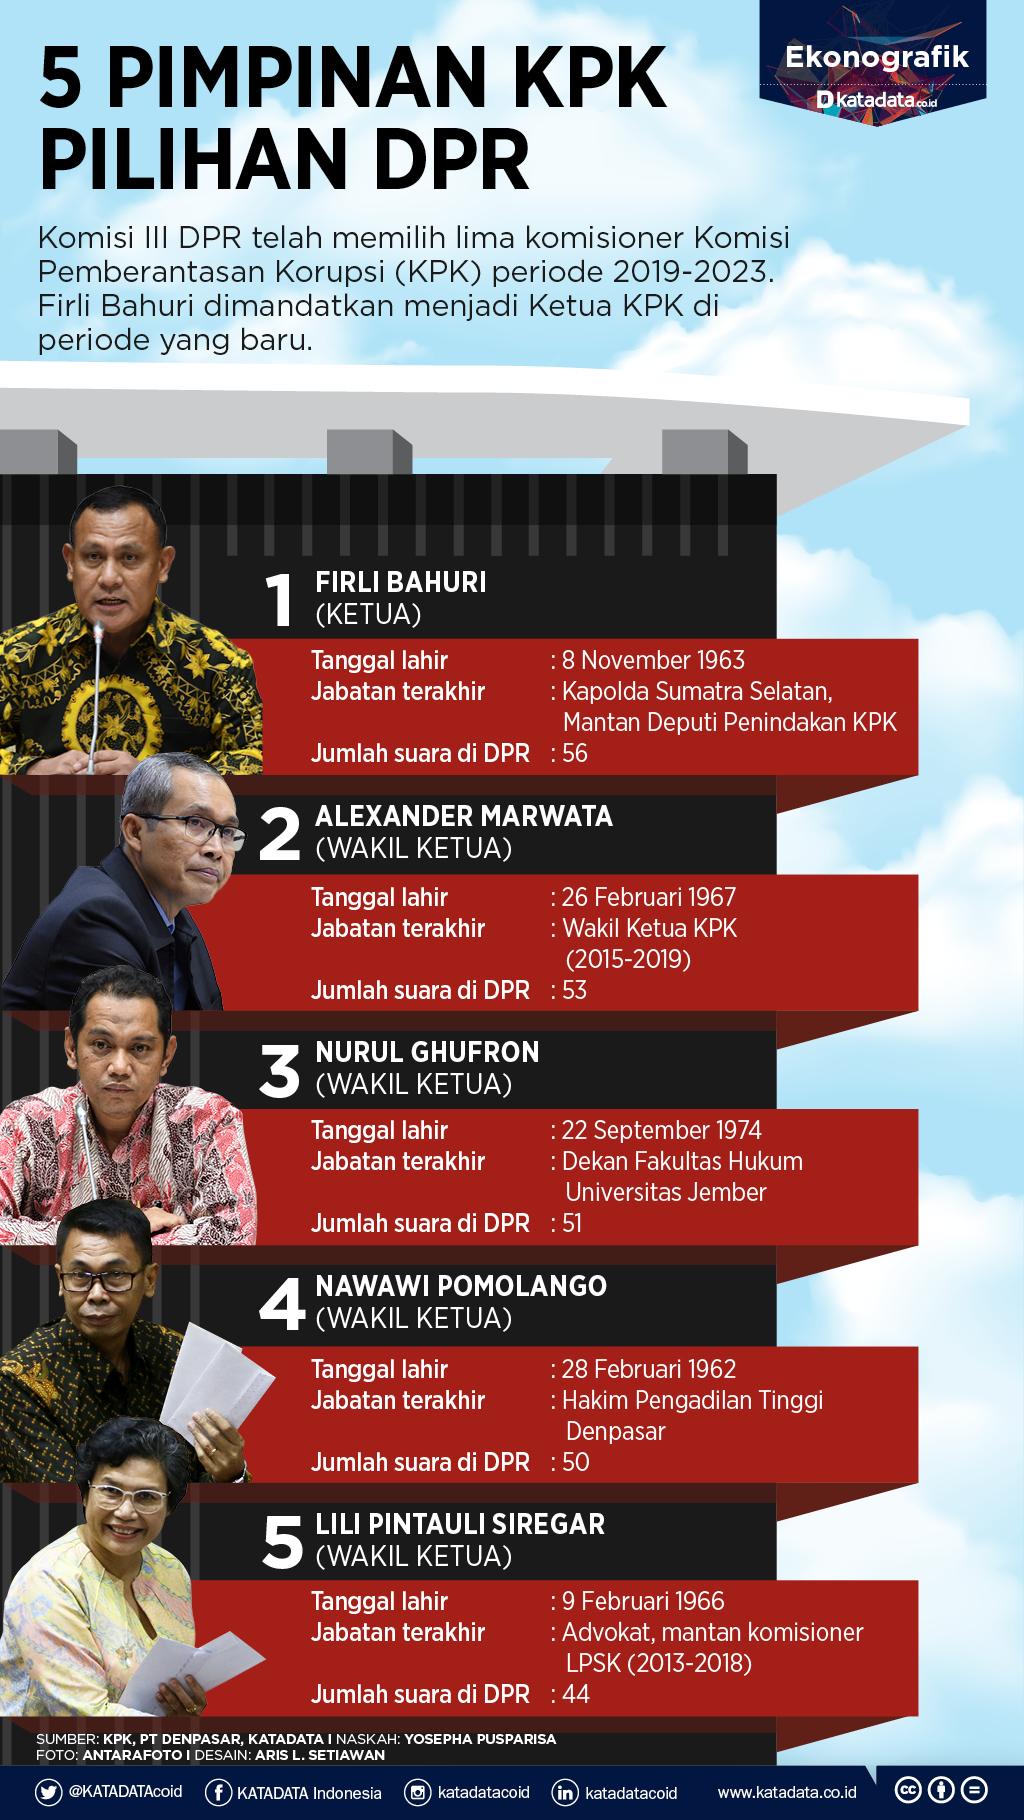 Lima Pimpinan KPK Pilihan DPR